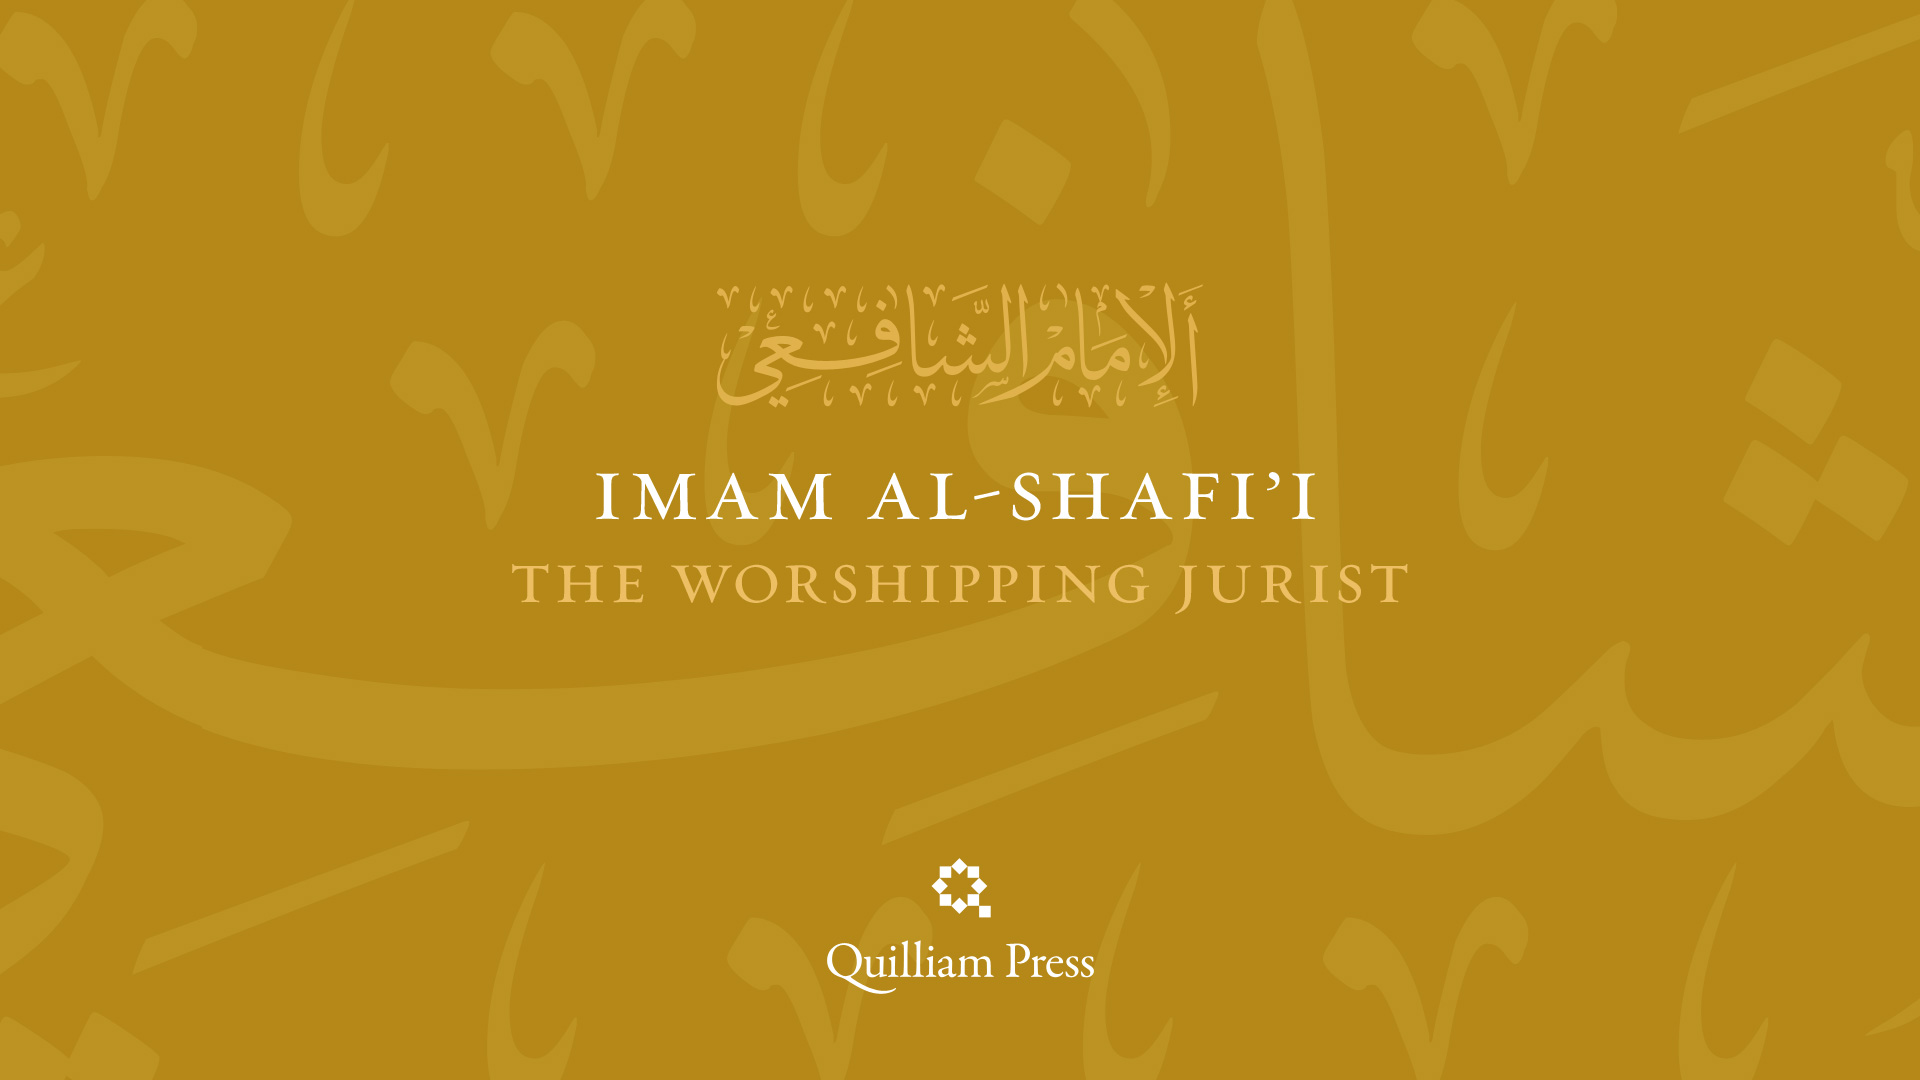 Quilliam_Press_Imam_Series_02.jpg